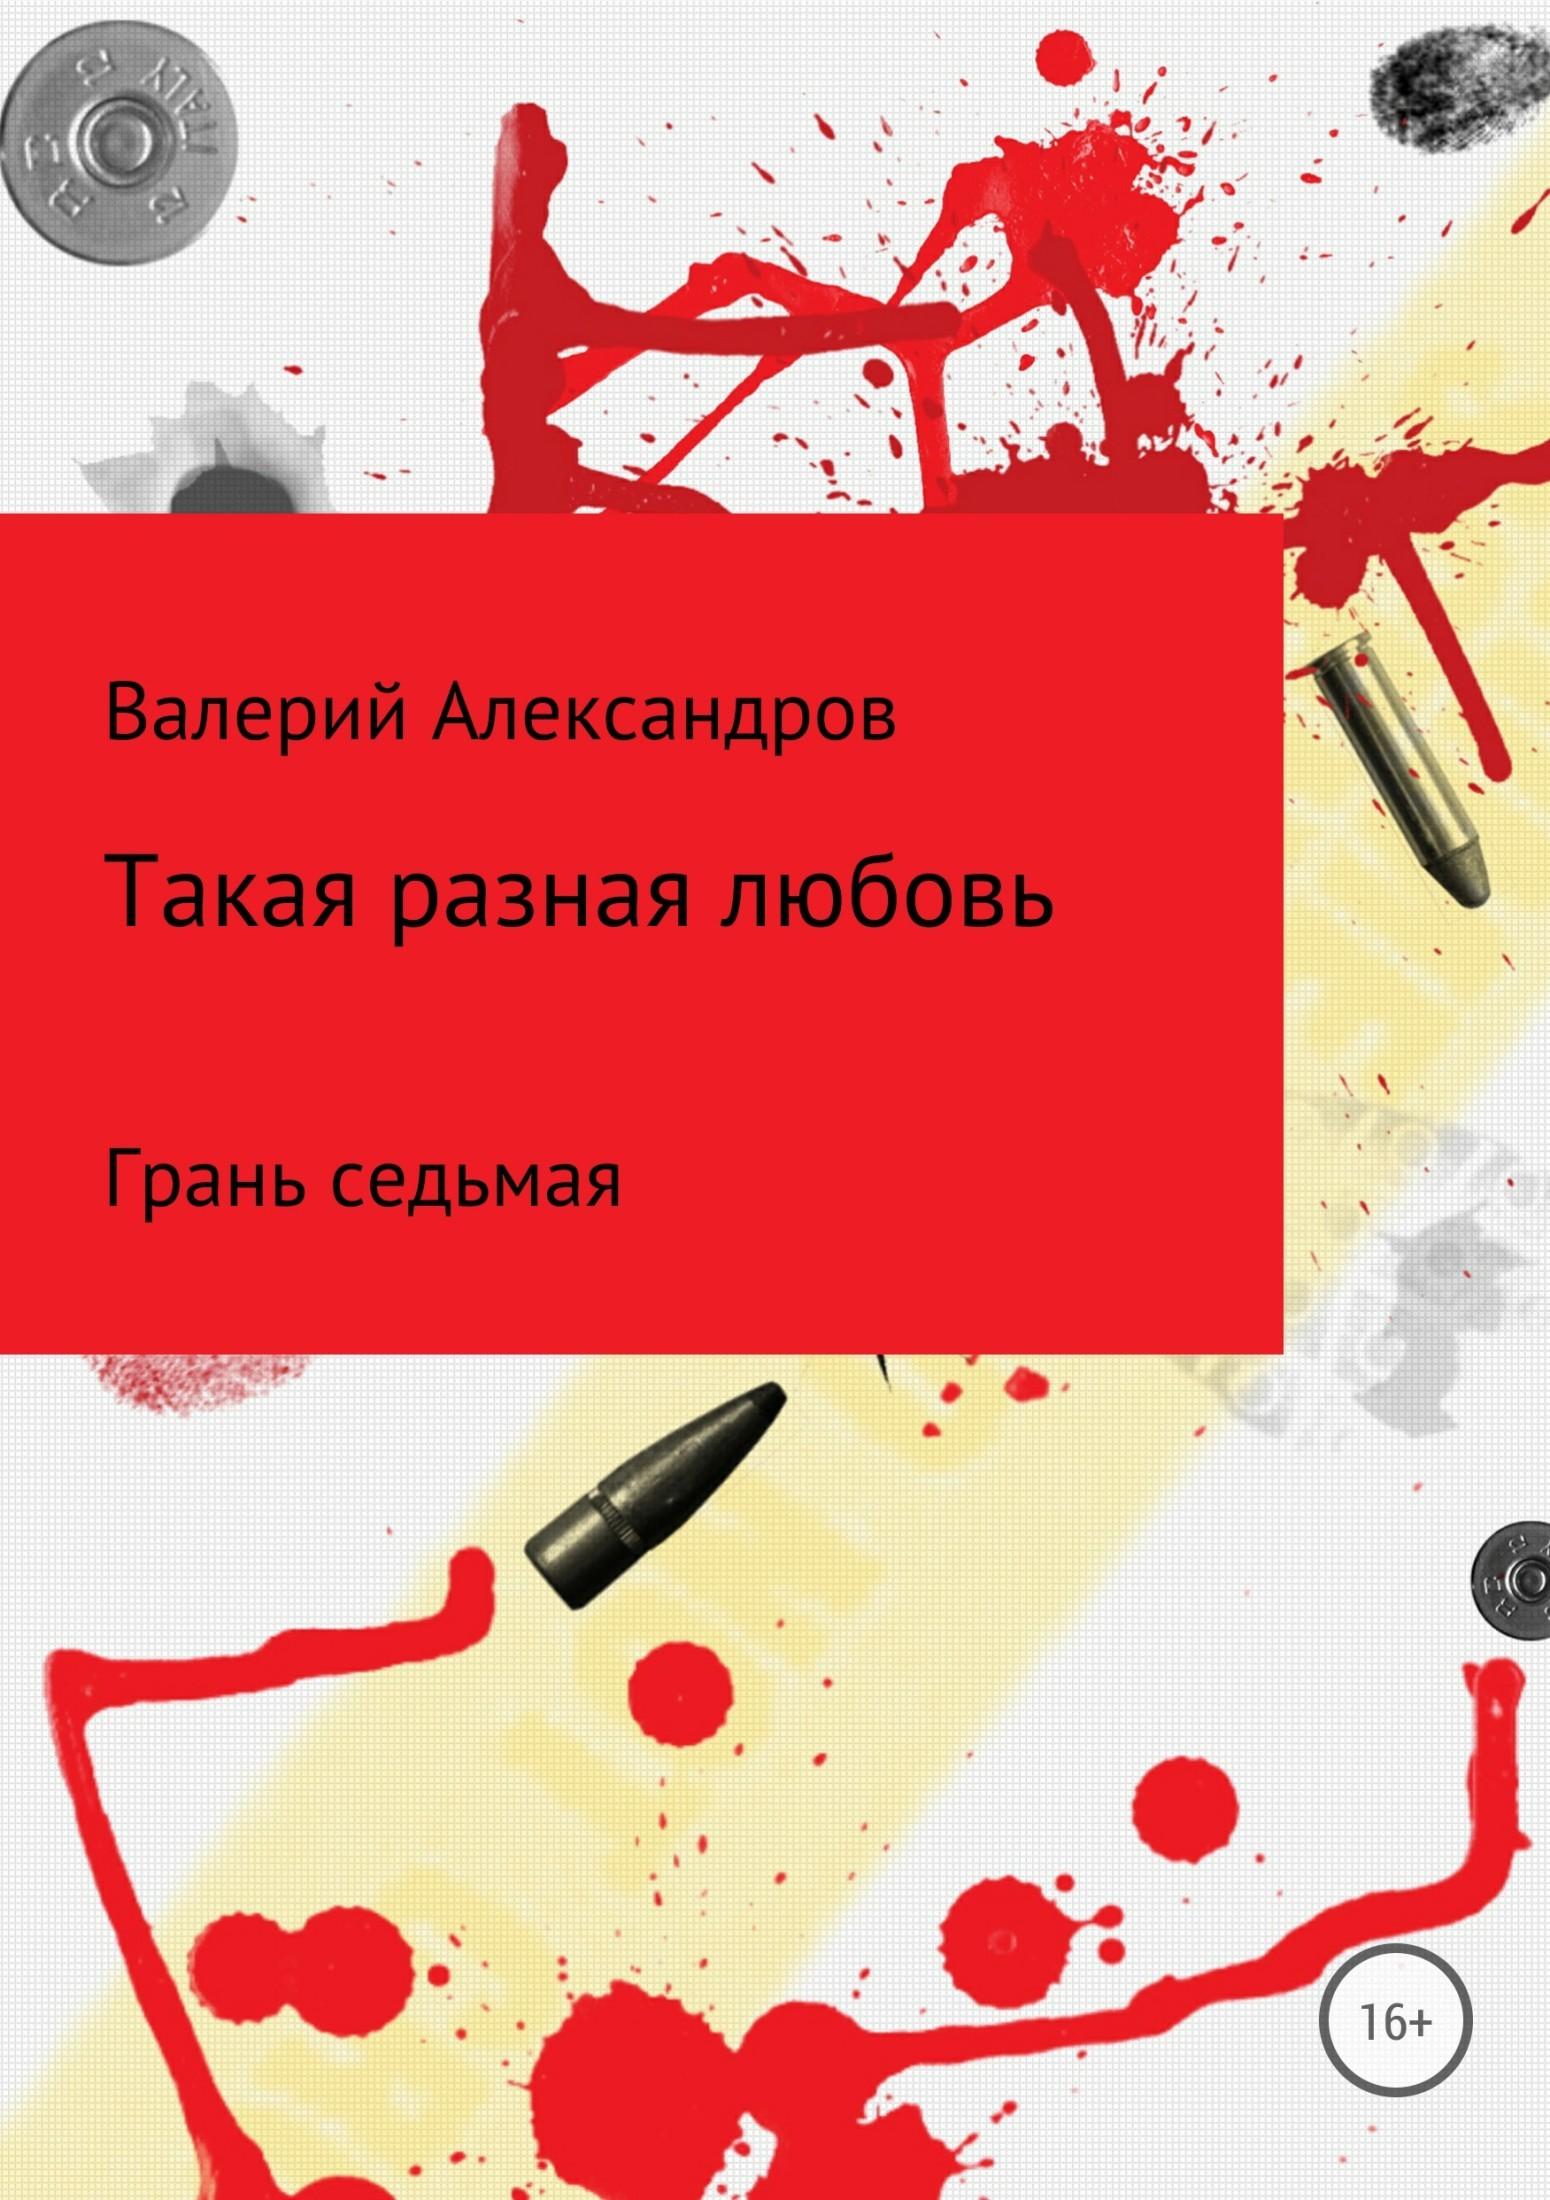 Валерий Александров Такая разная любовь 7. Сборник стихотворений валерий александров такая разная любовь 7 сборник стихотворений